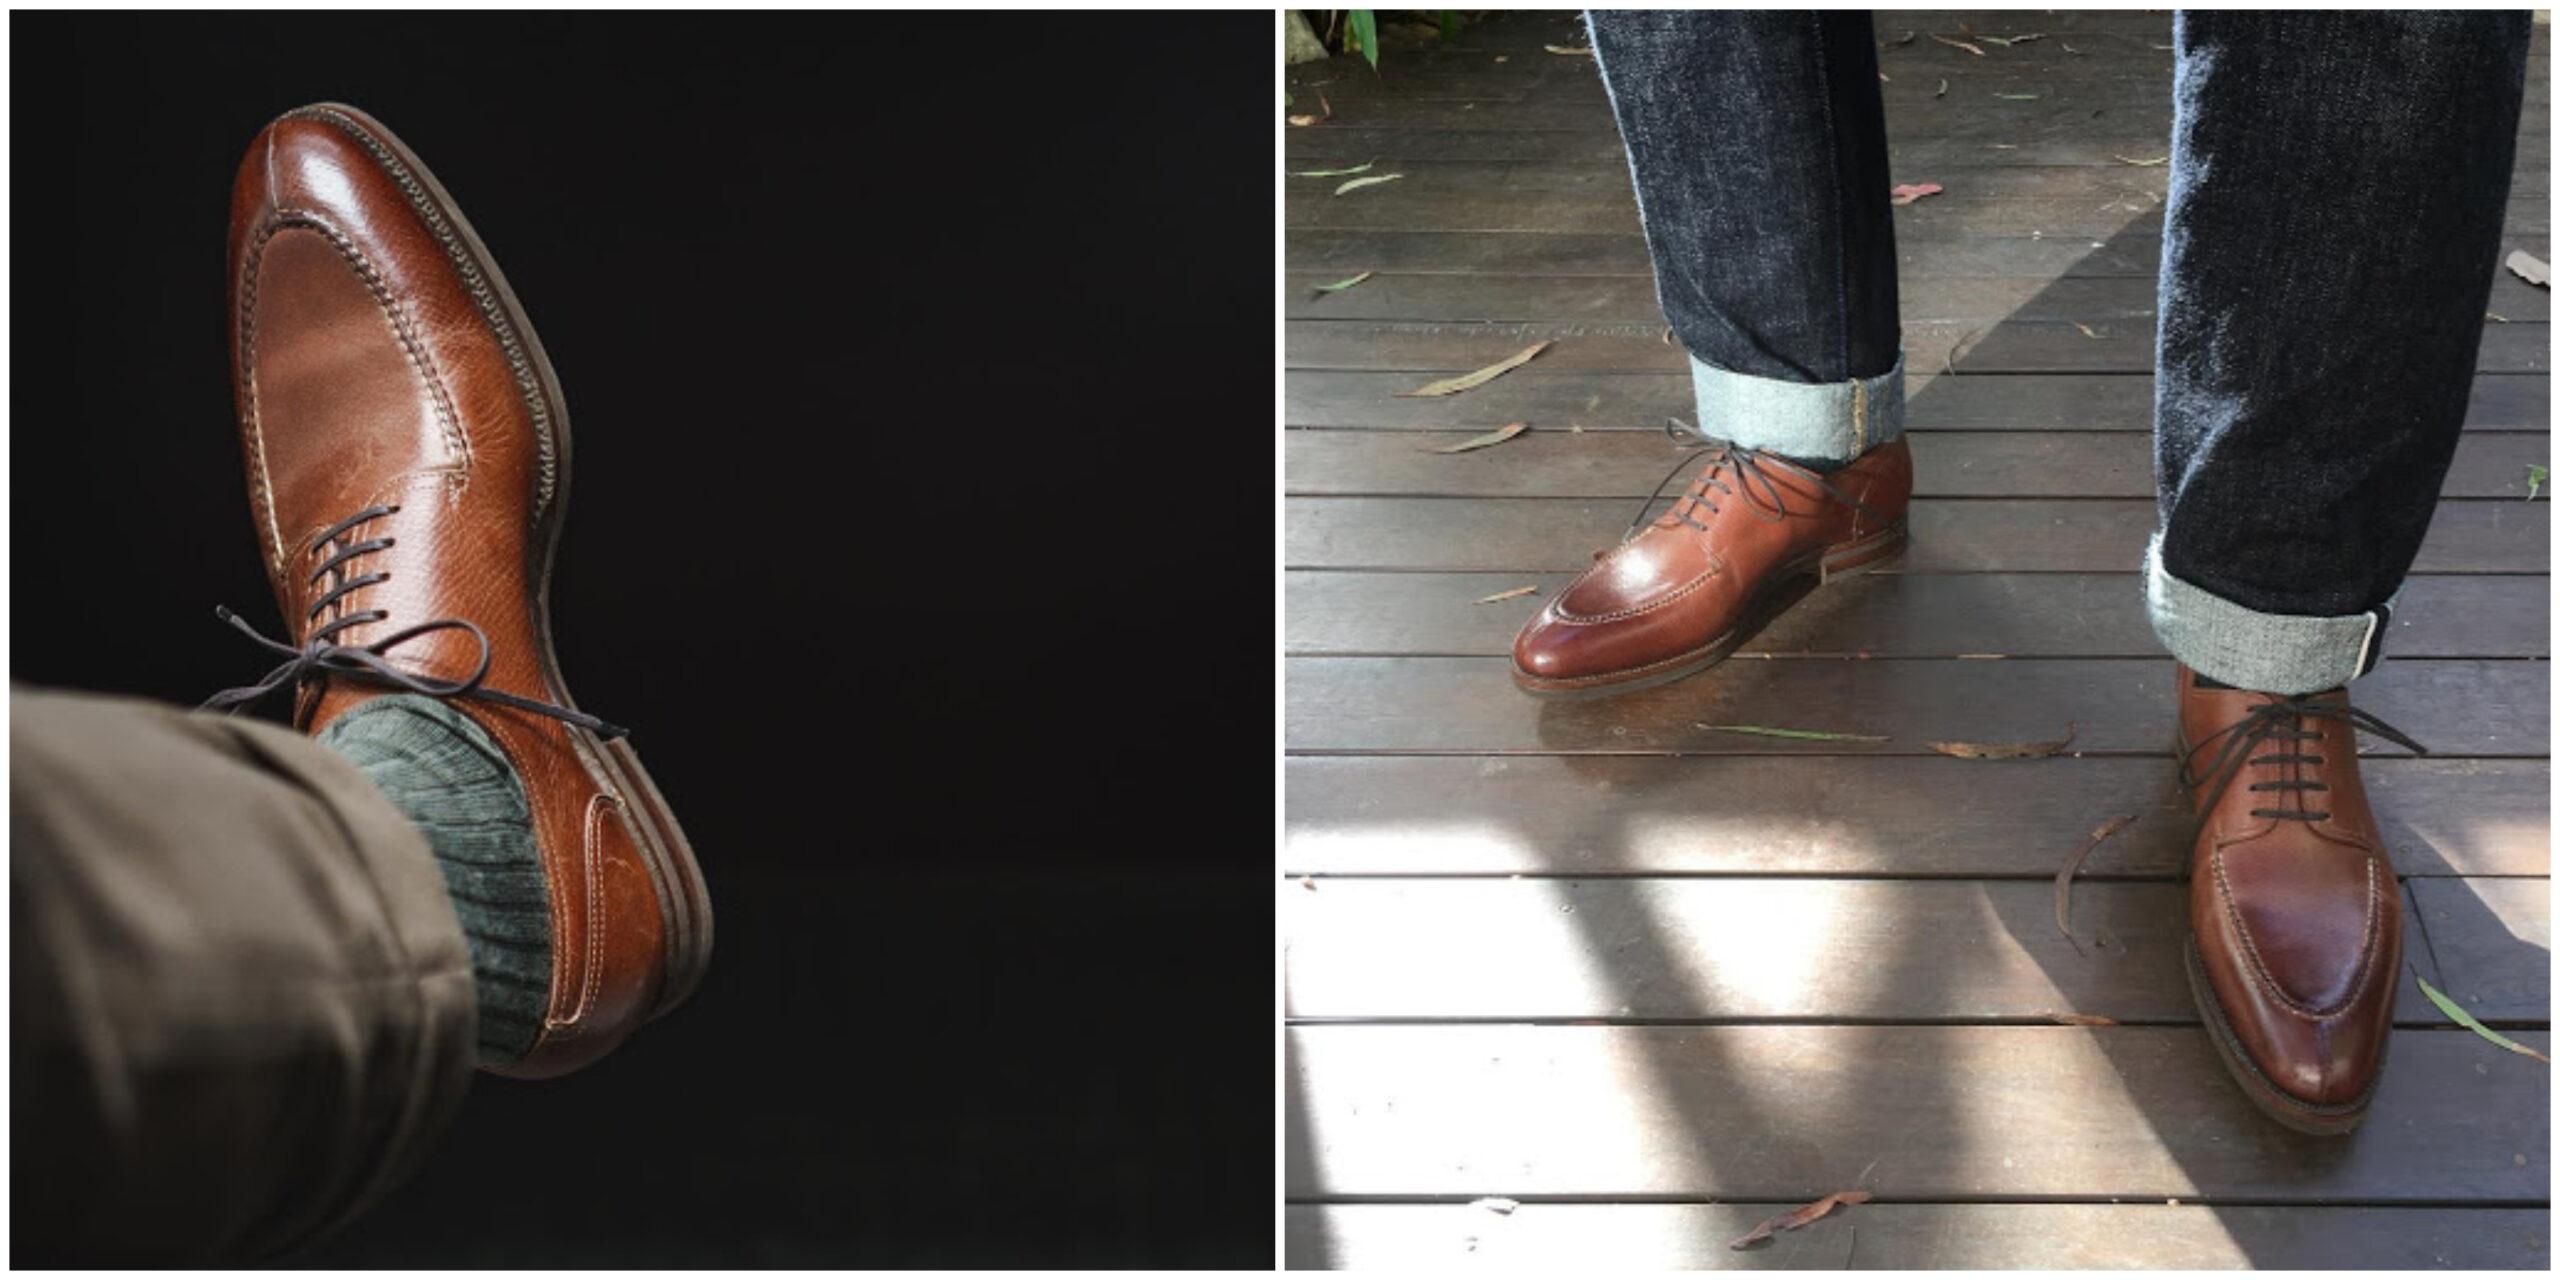 Les derbies marron foncé incarnent le soulier polyvalent par excellence. Elles se porteront aussi bien avec un pantalon habillé qu'avec un chino ou un jean à condition toutefois que sa coupe ne soit pas calquée sur celle d'un legging. Ici un demi-chasse de chez Zonkey Boot. Sources : @burzanblog (gauche), @gongdrew (droite).